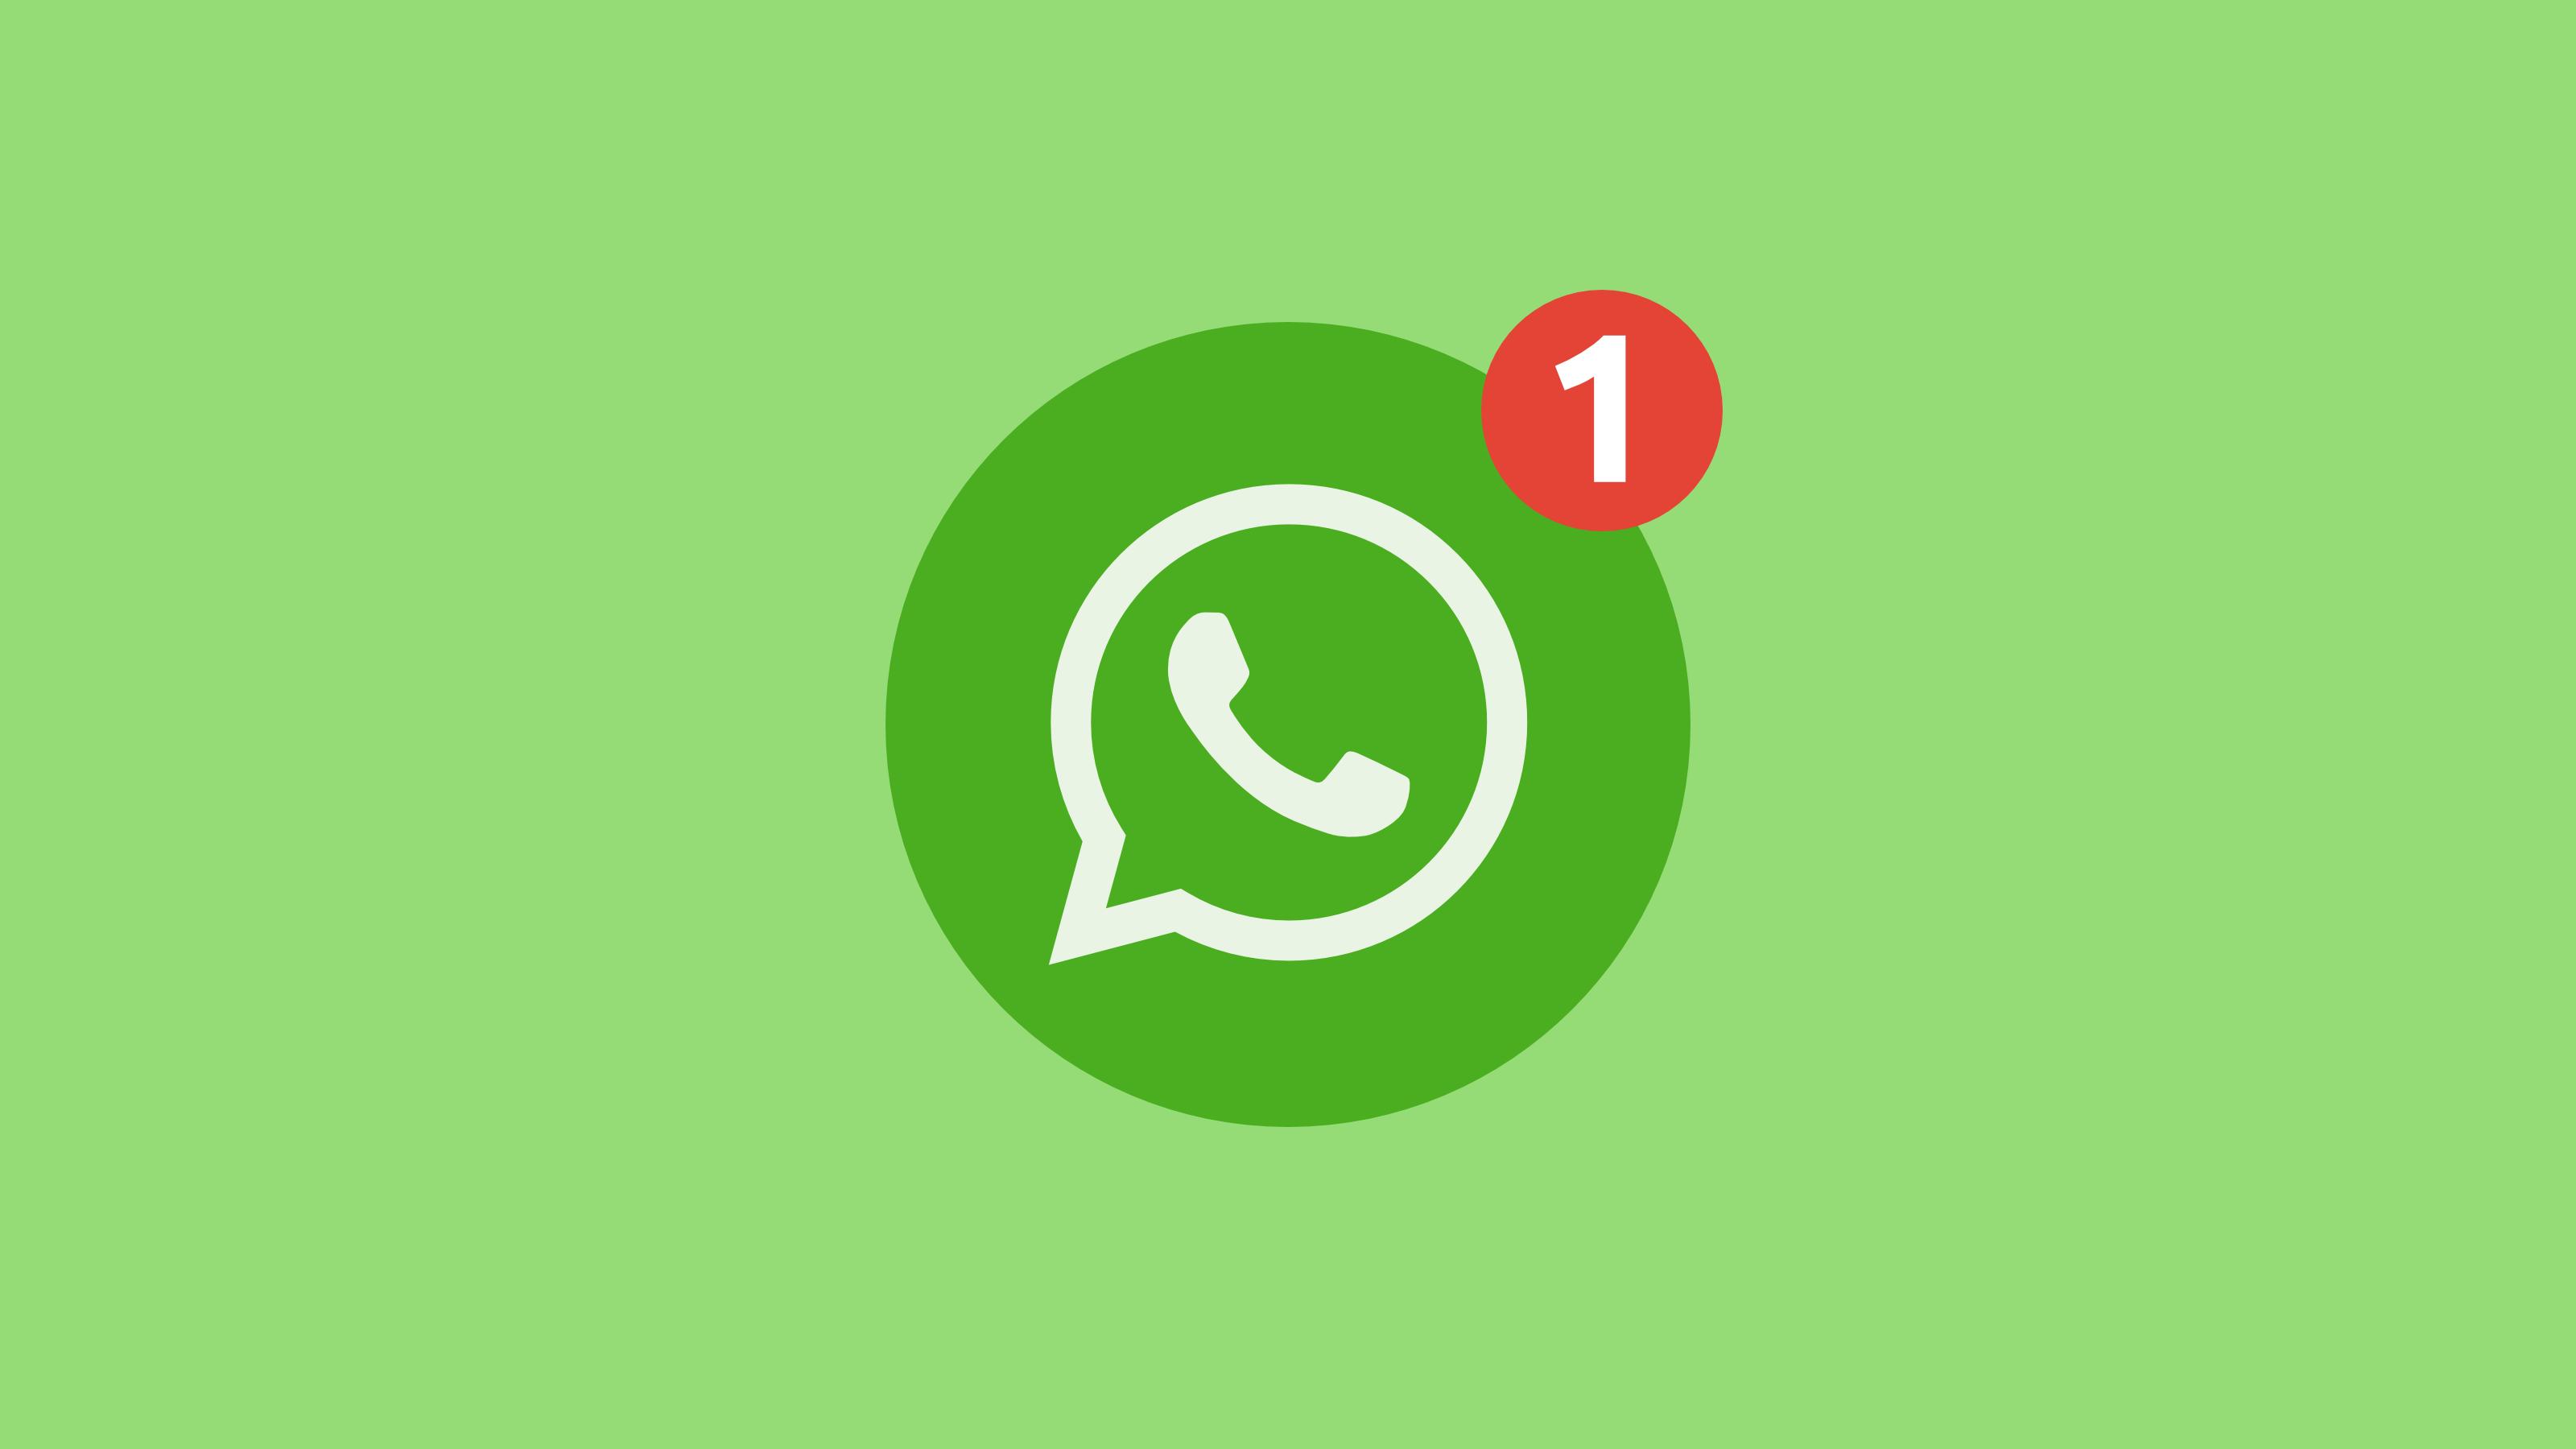 Así puede saber quién agregó su número en WhatsApp